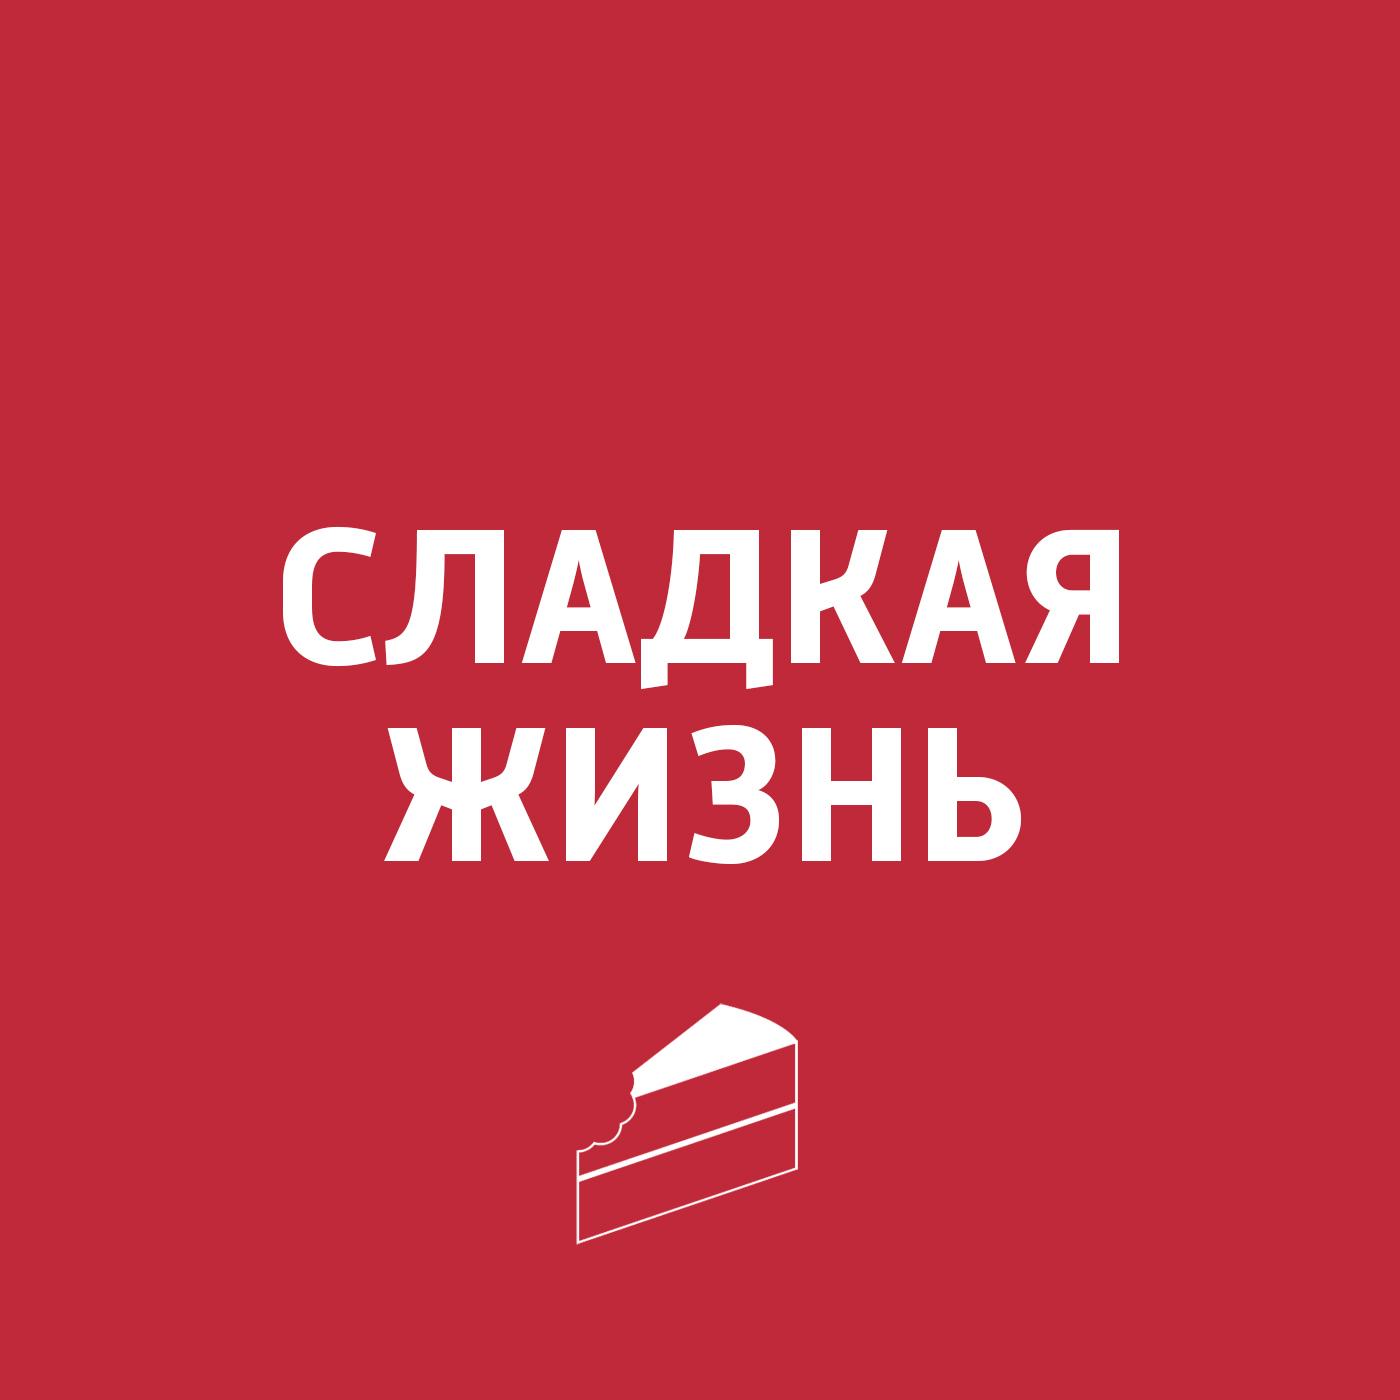 Картаев Павел Сливочная помадка картаев павел павел картаев о поездке по алтаю